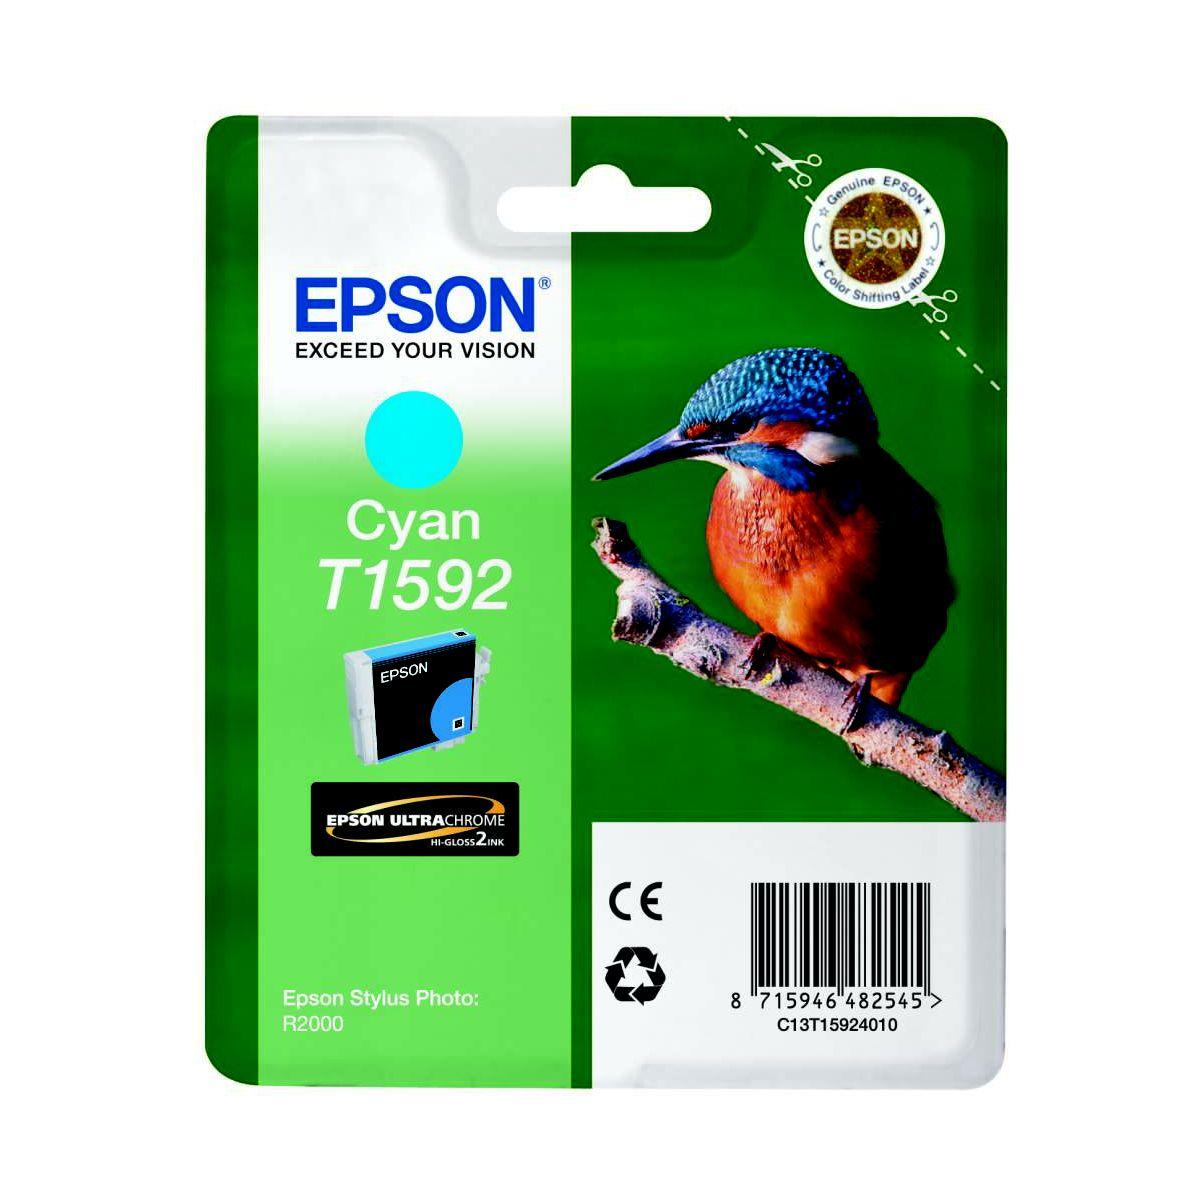 Cartouche d'encre EPSON T1592 Cyan série Martin Pêcheur